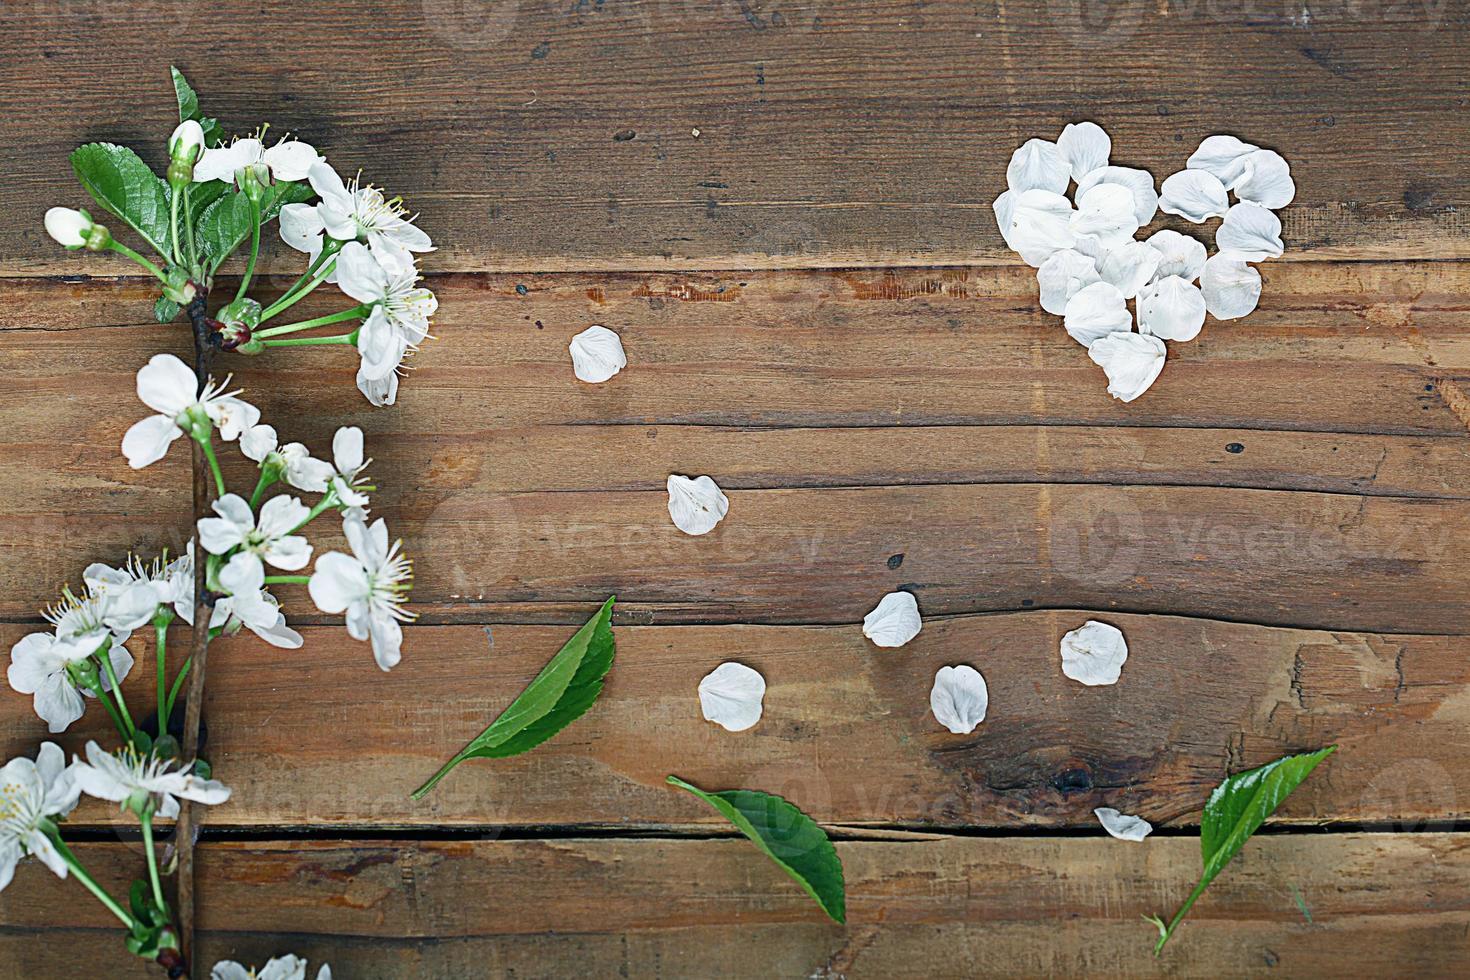 flores de cerezo y ramitas sobre un fondo de madera foto